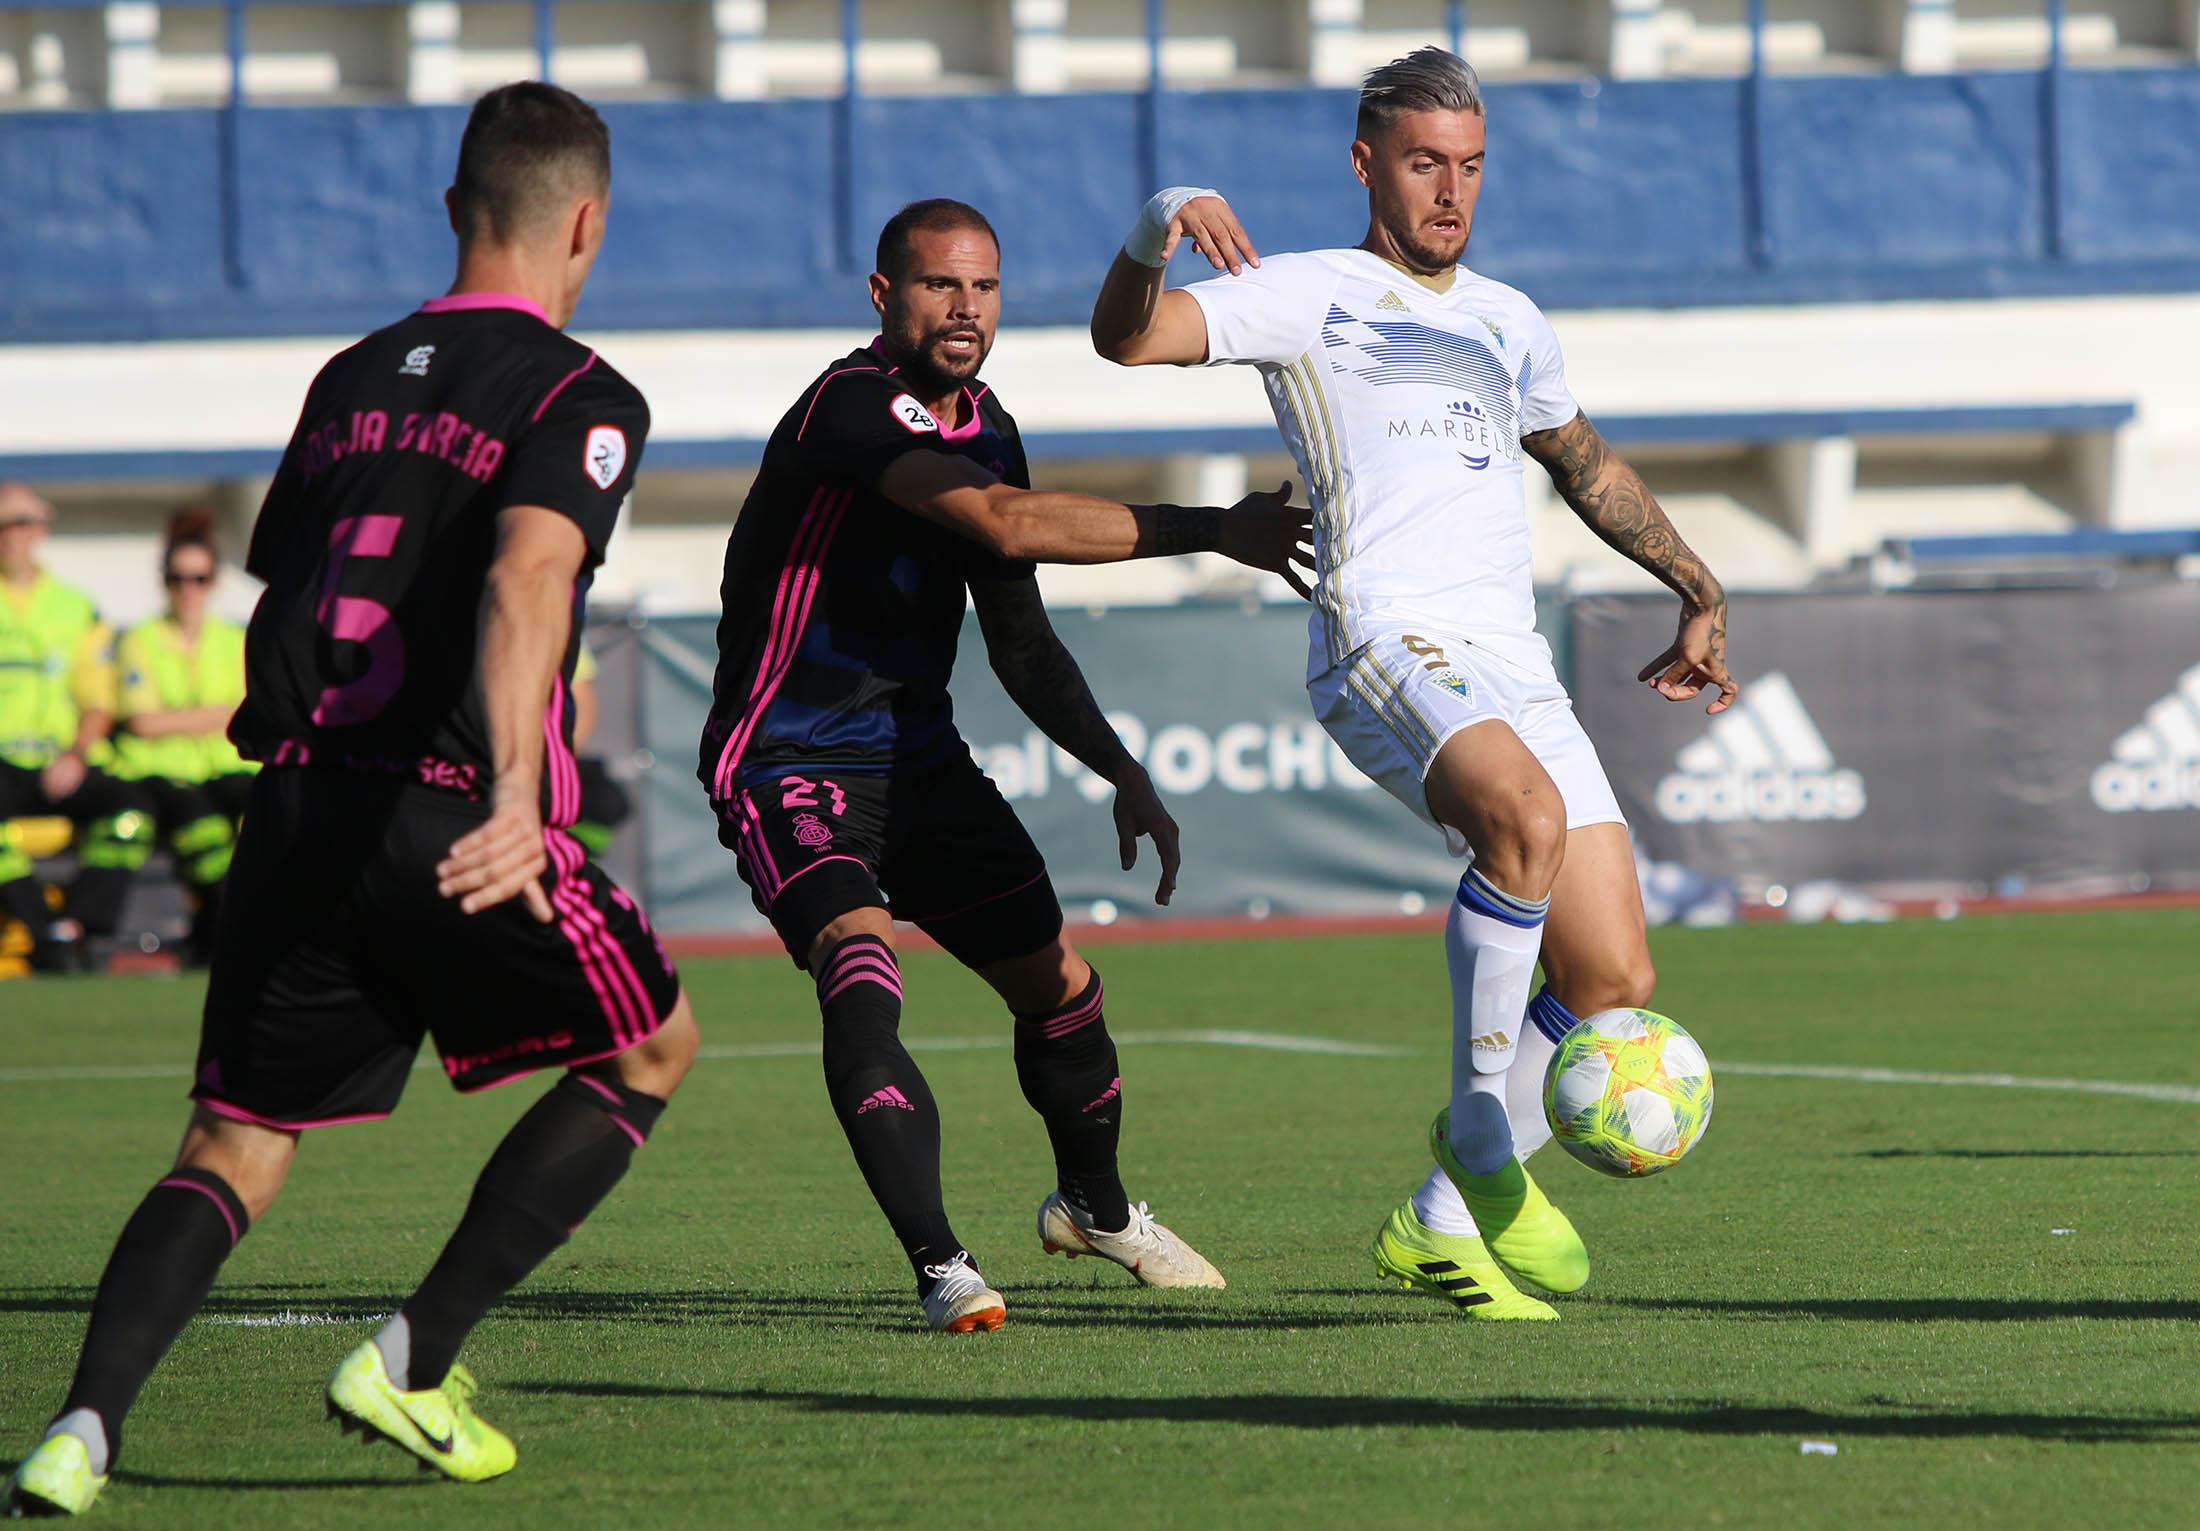 Marbella F.C. vs Recreativo, los locales ganan y se meten en fase de ascenso (2-1)